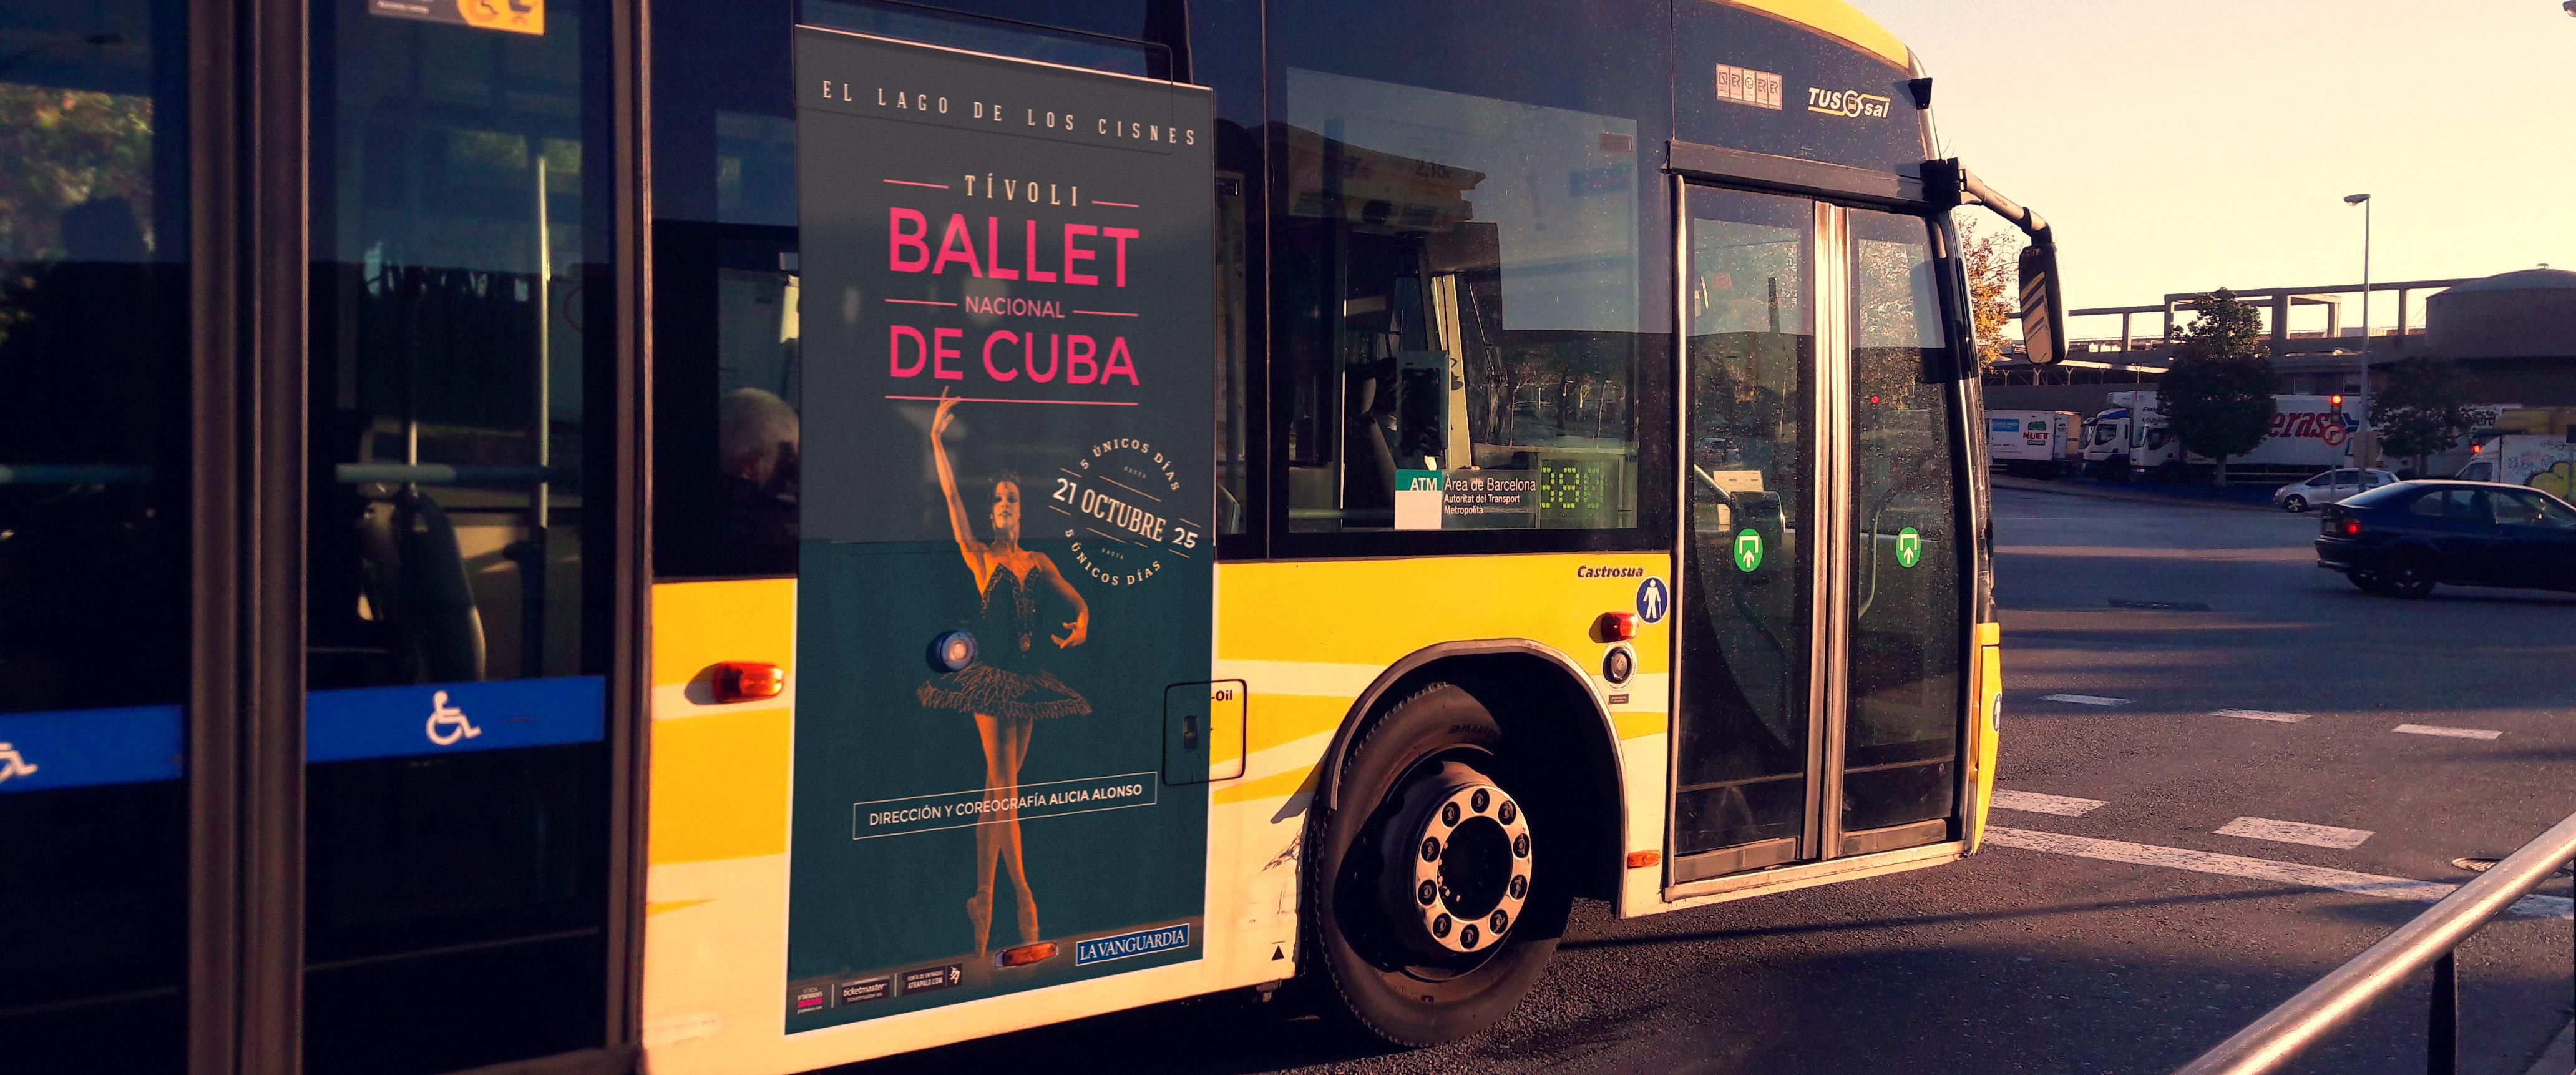 bus con diseño de poster balet de cuba